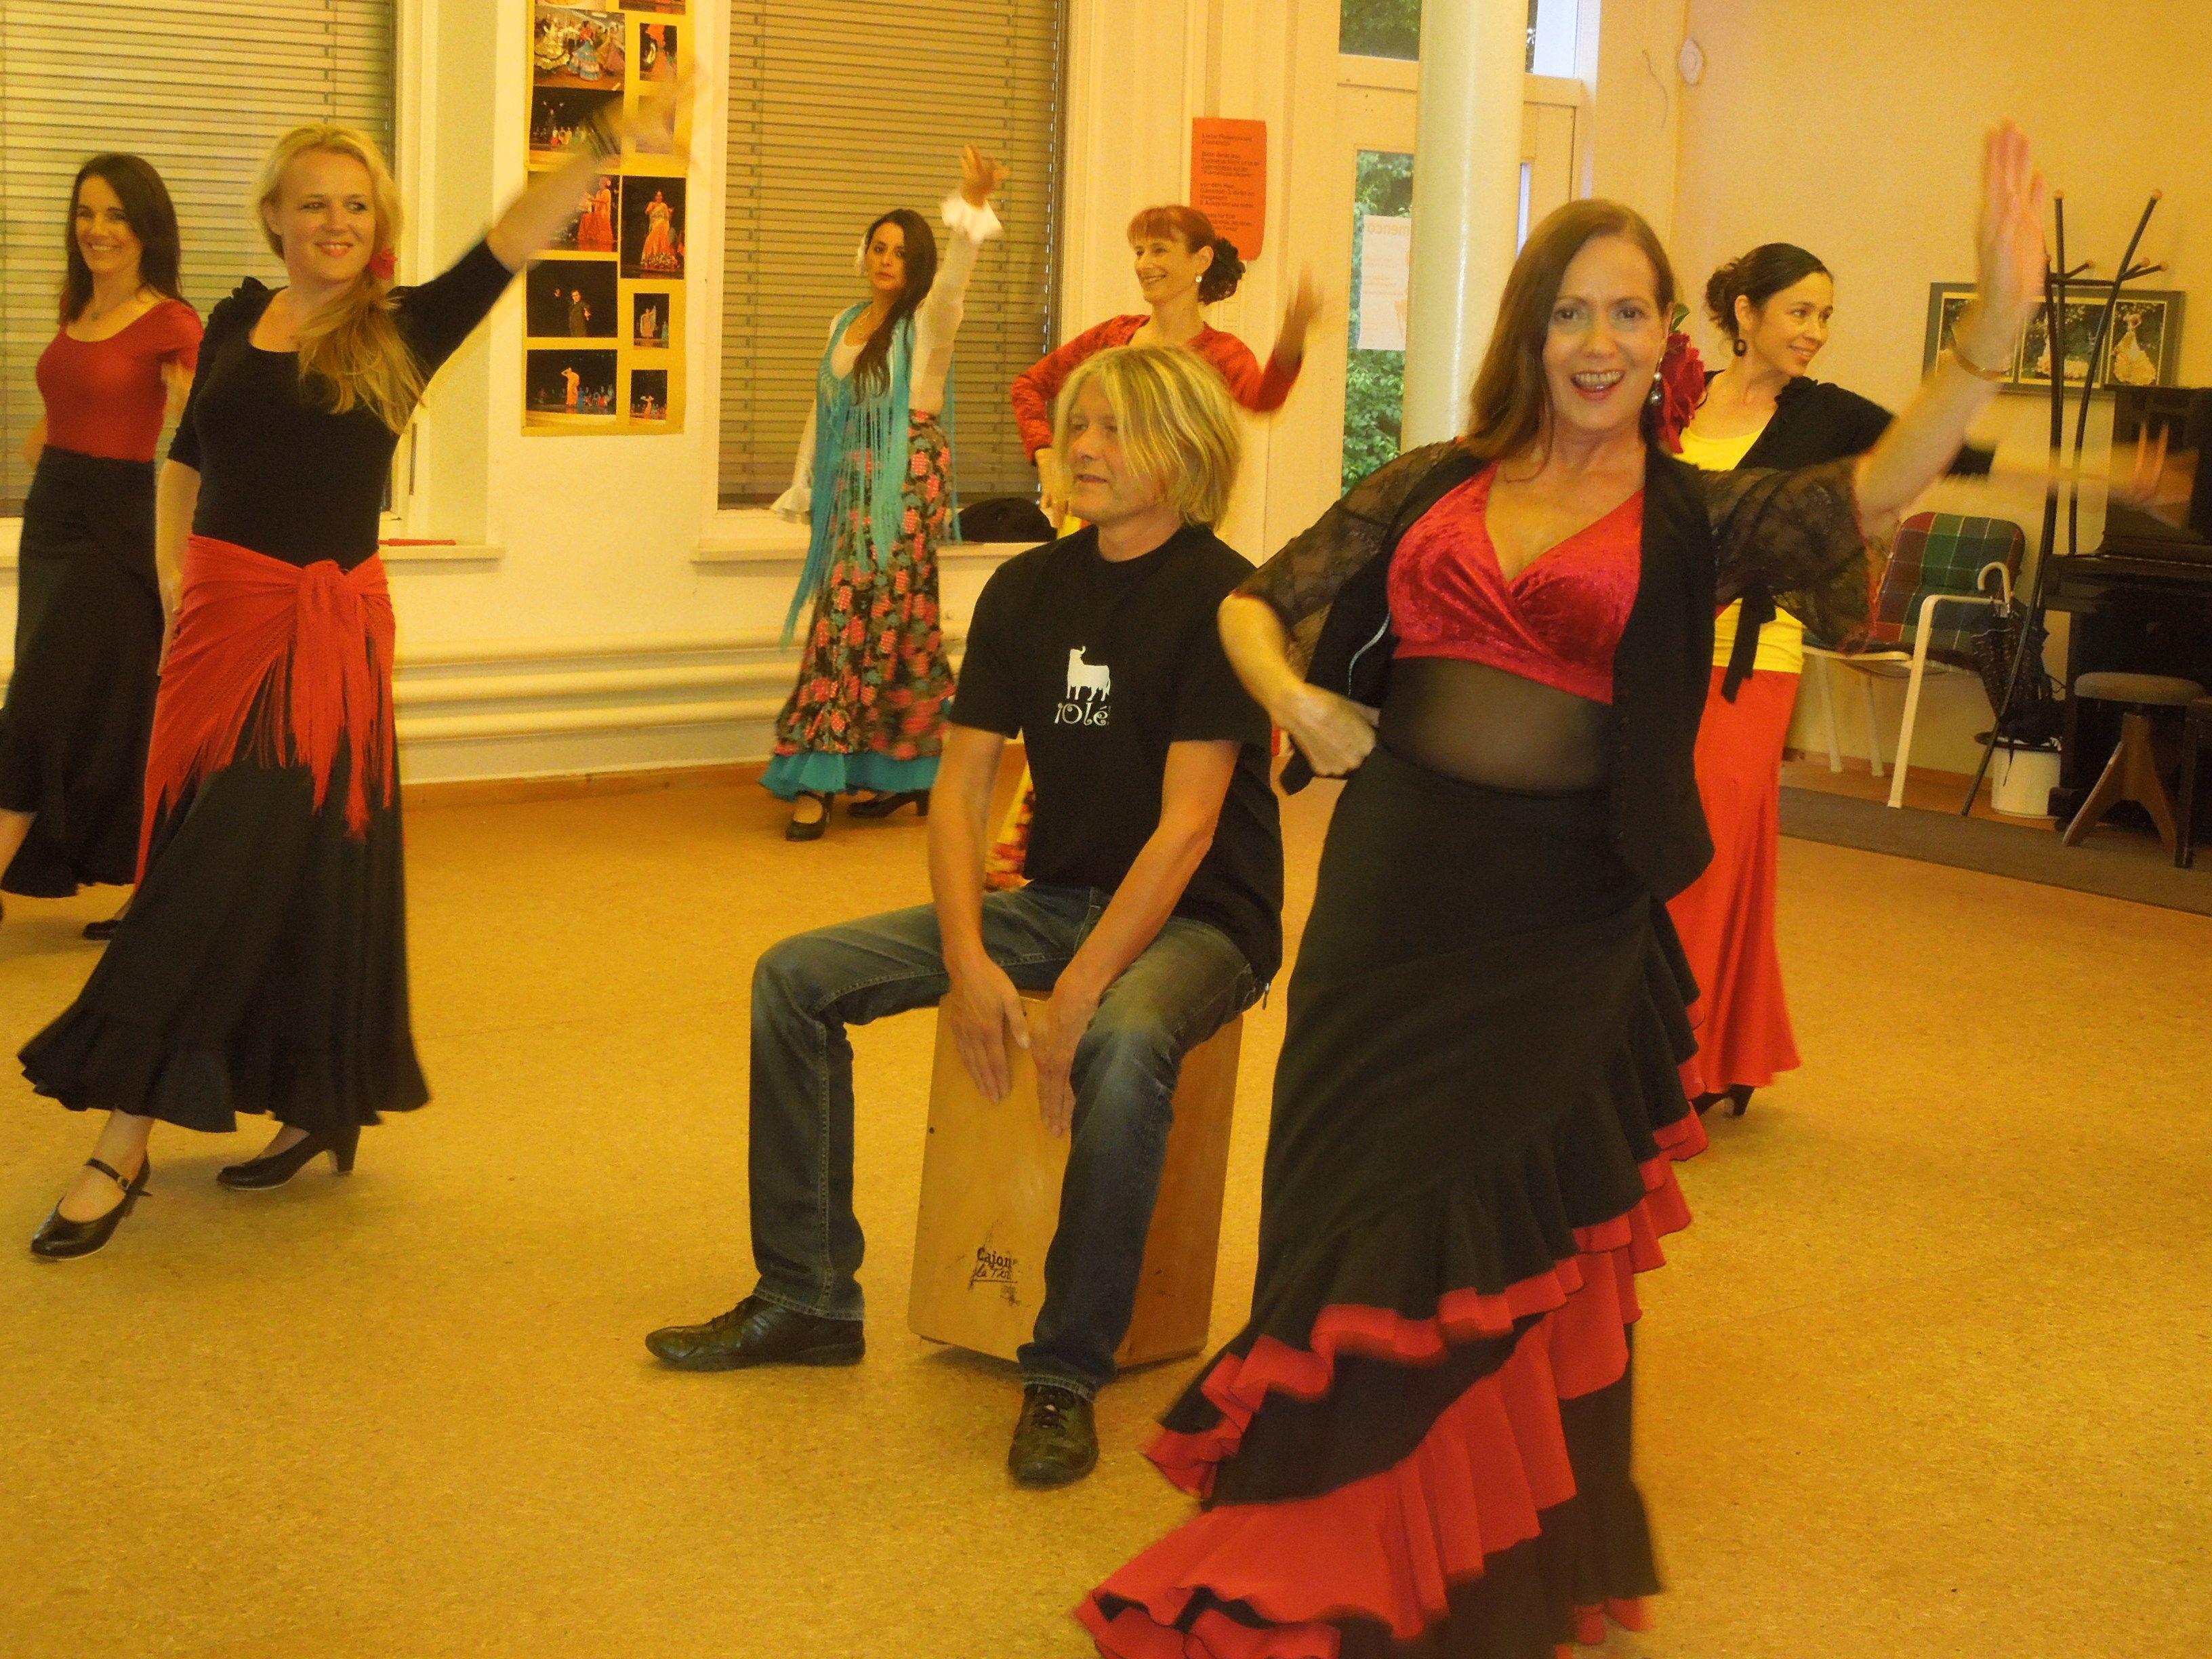 Teresa de Madrid und ihre Freunde leben für und mit dem Flamenco.